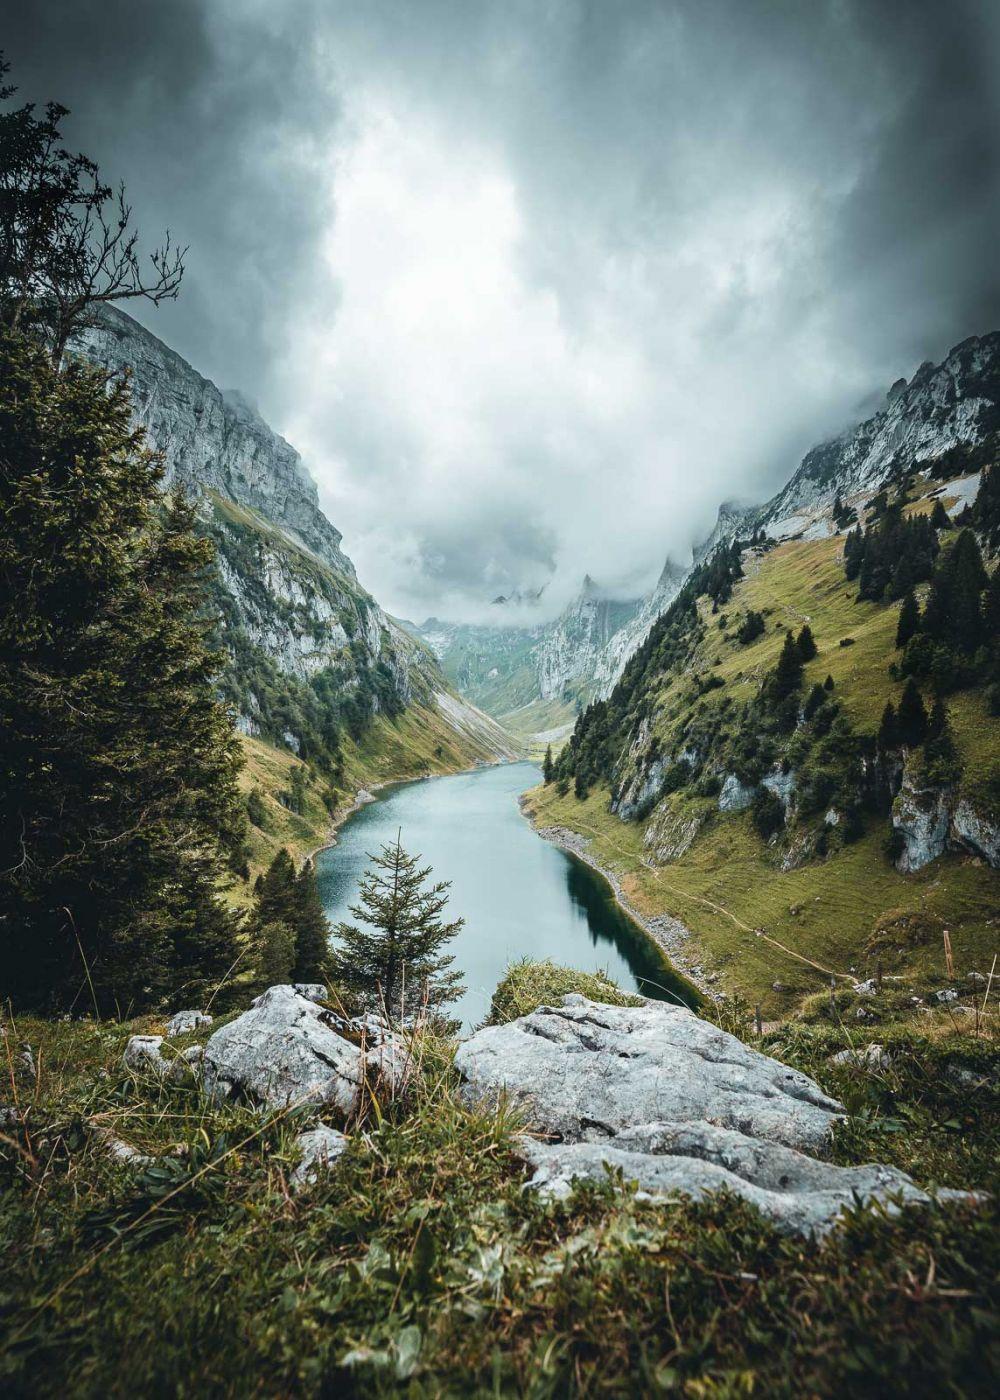 Fälensee, Appenzell, Switzerland, Switzerland